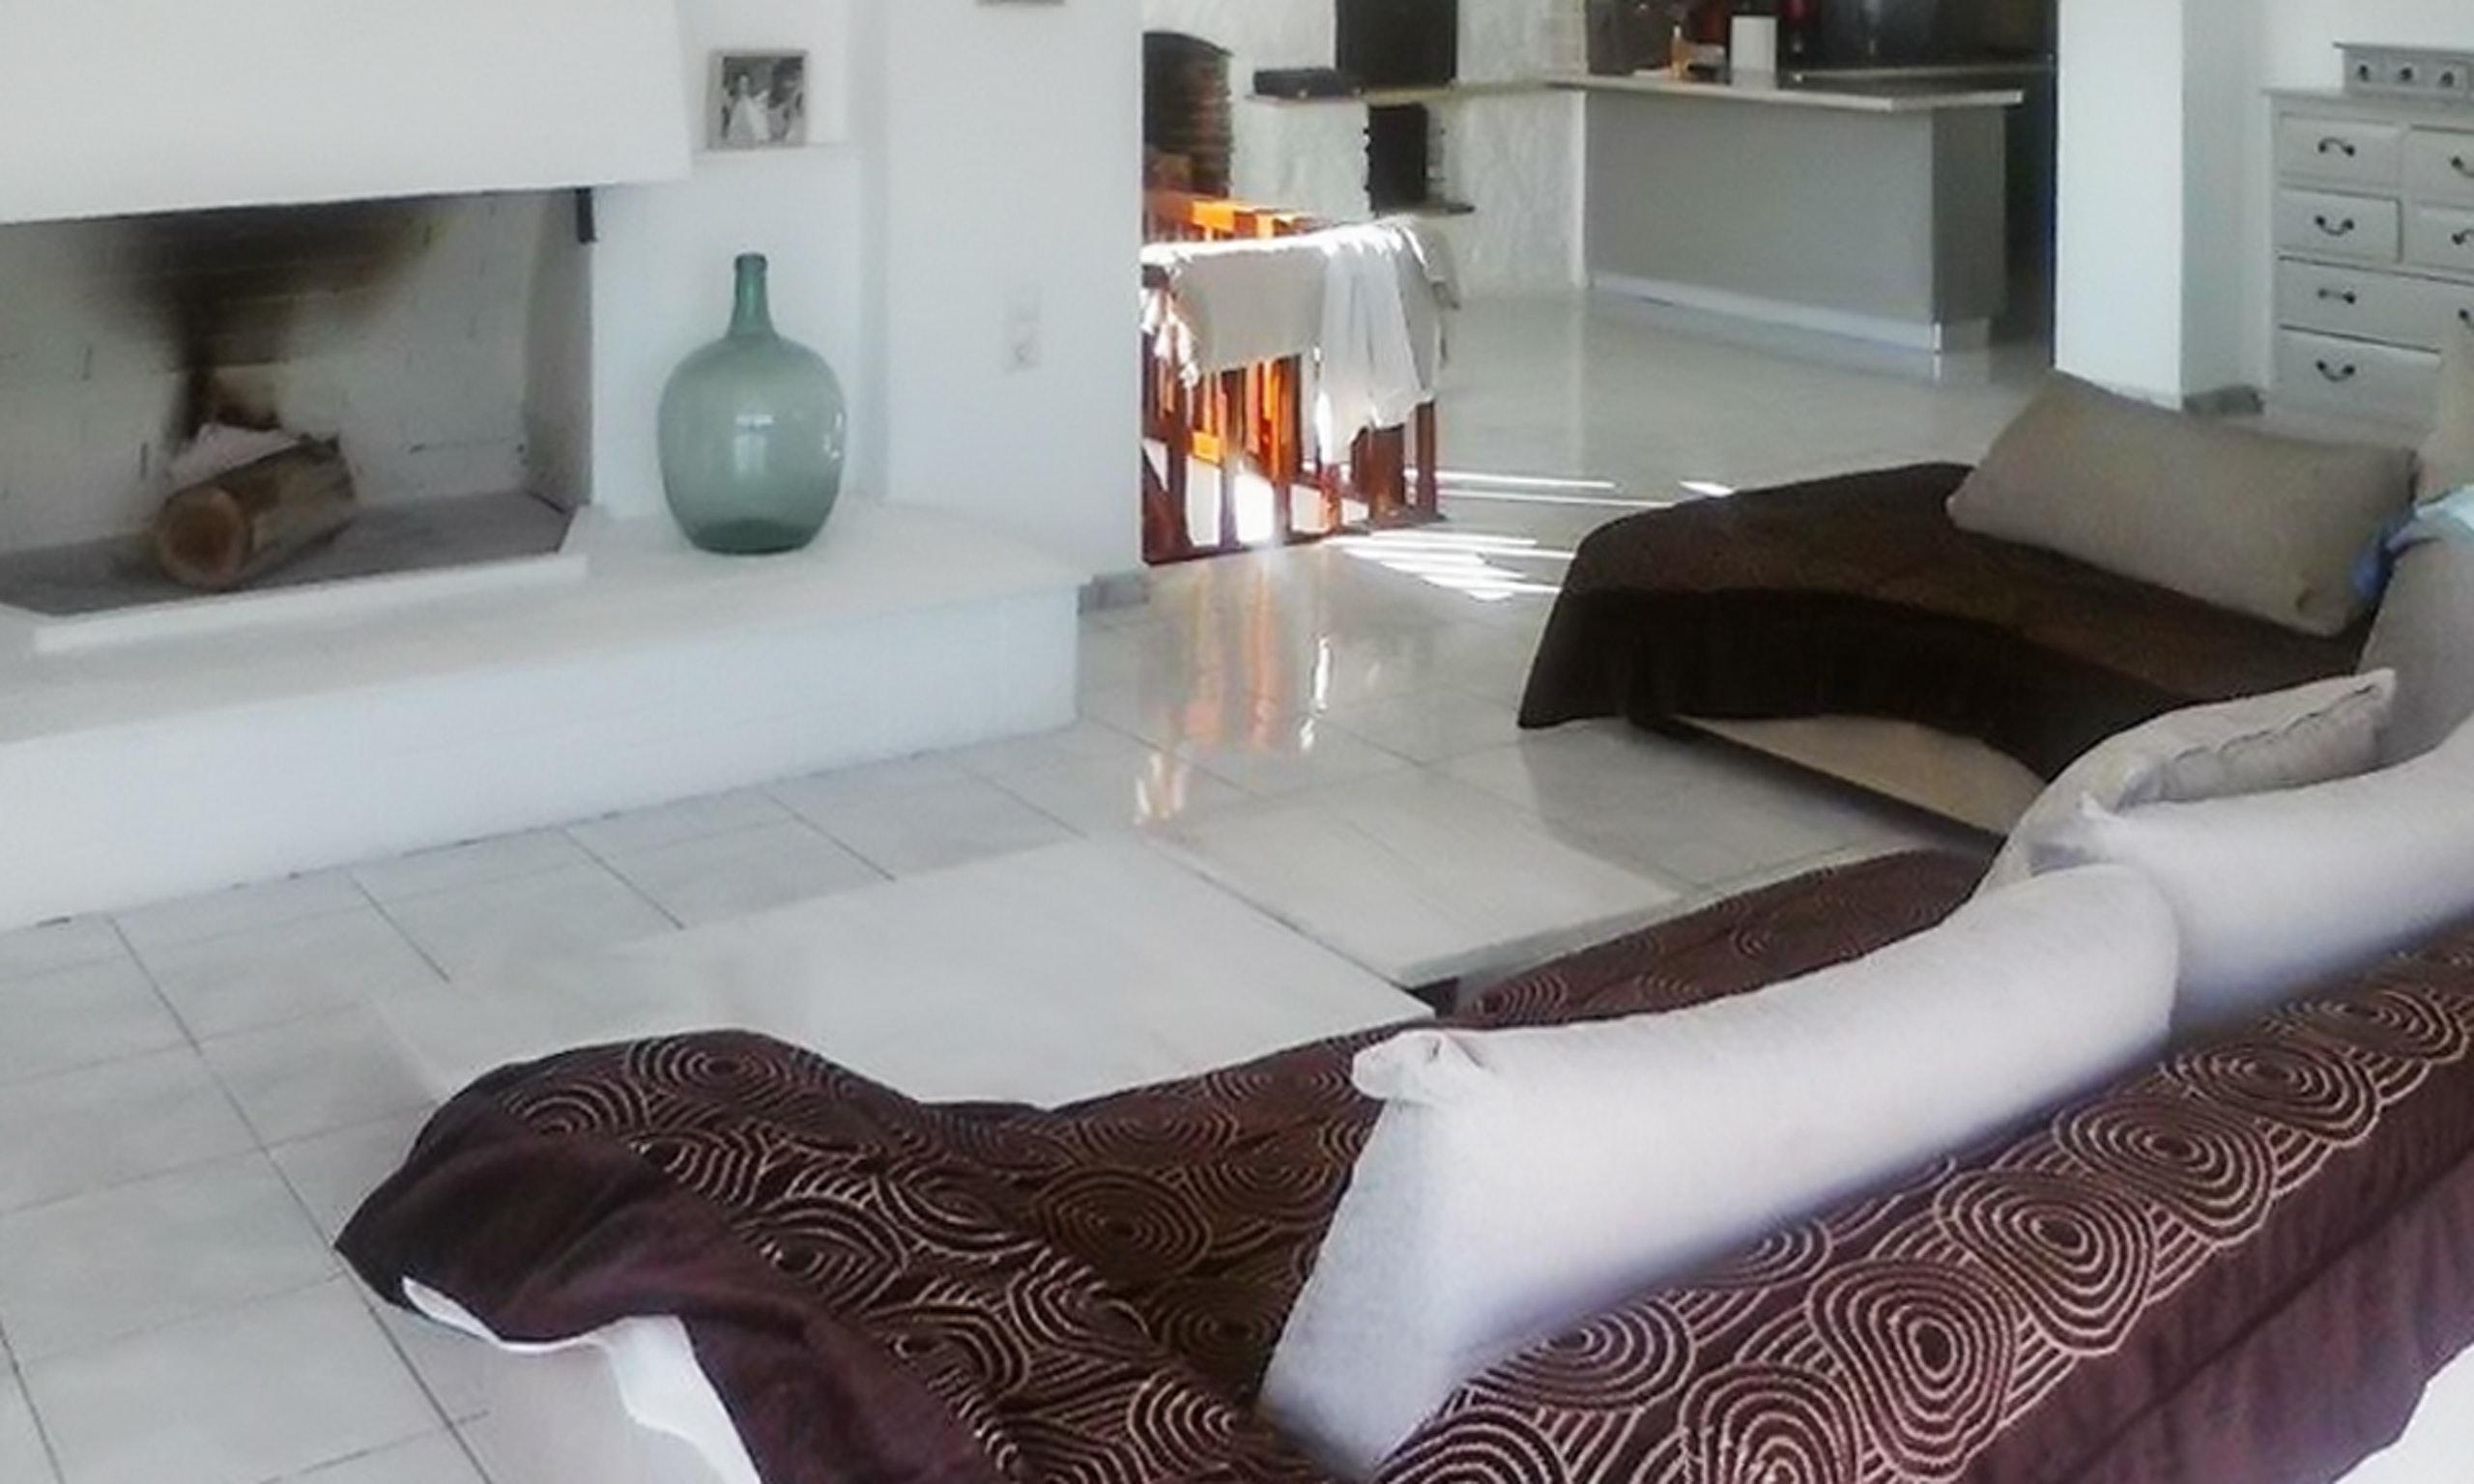 Ferienhaus Luxuriöse Villa in Megara direkt am Meer, mit wunderschöner Aussicht und möbliertem Balkon (2294781), Megara, , Attika, Griechenland, Bild 5